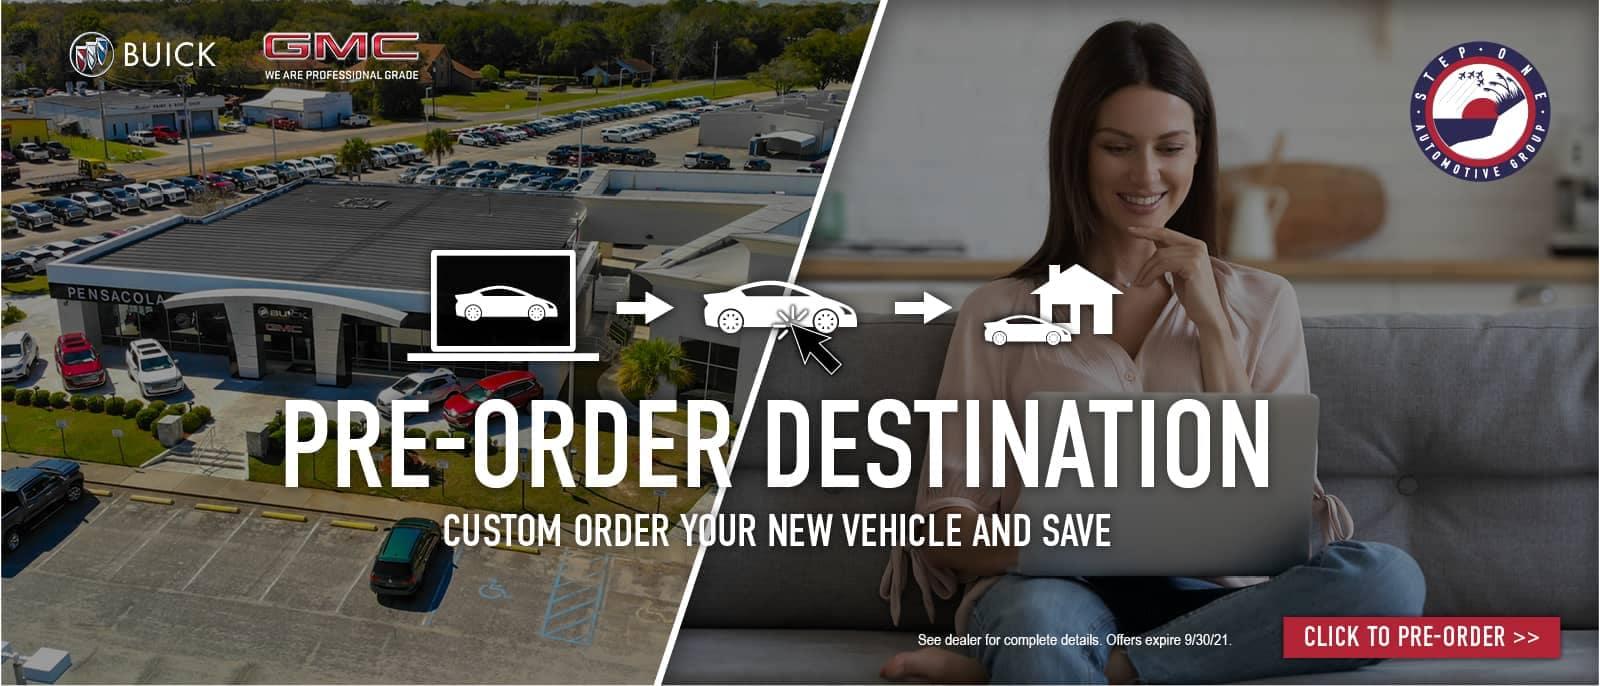 Pre-Order Destination